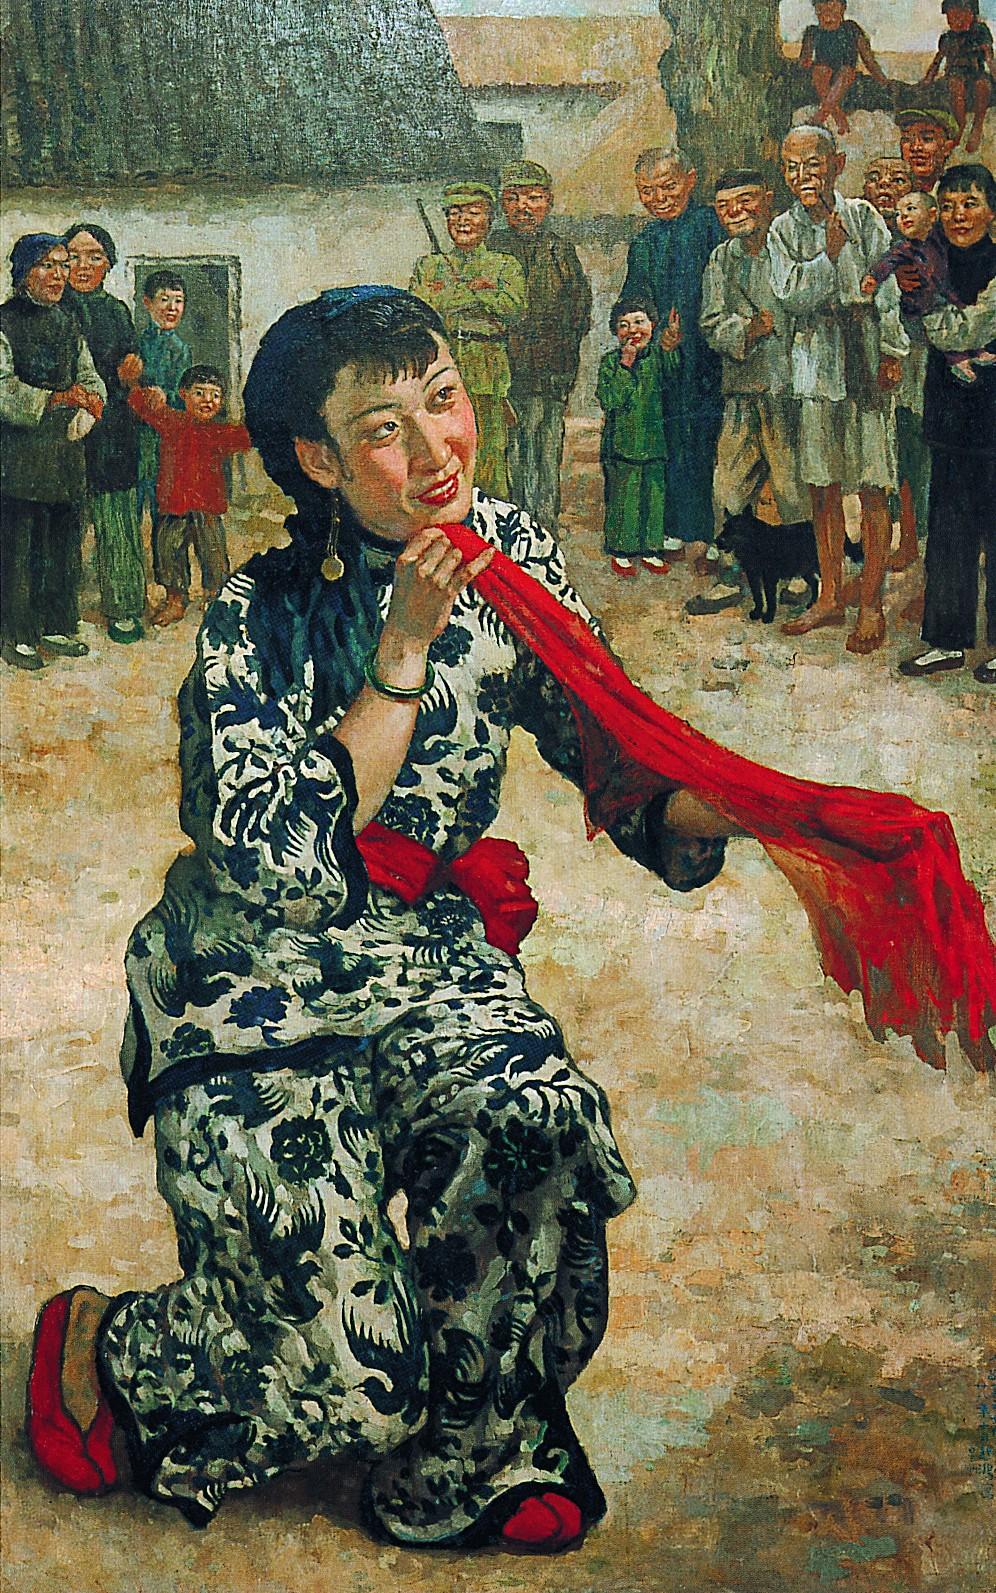 4 徐悲鸿  ,《放下你的鞭子中之王莹女士》, 布面油彩  ,144cm×90cm,  1939年  。台湾藏家收藏,新加坡国家美术馆陈列.jpeg